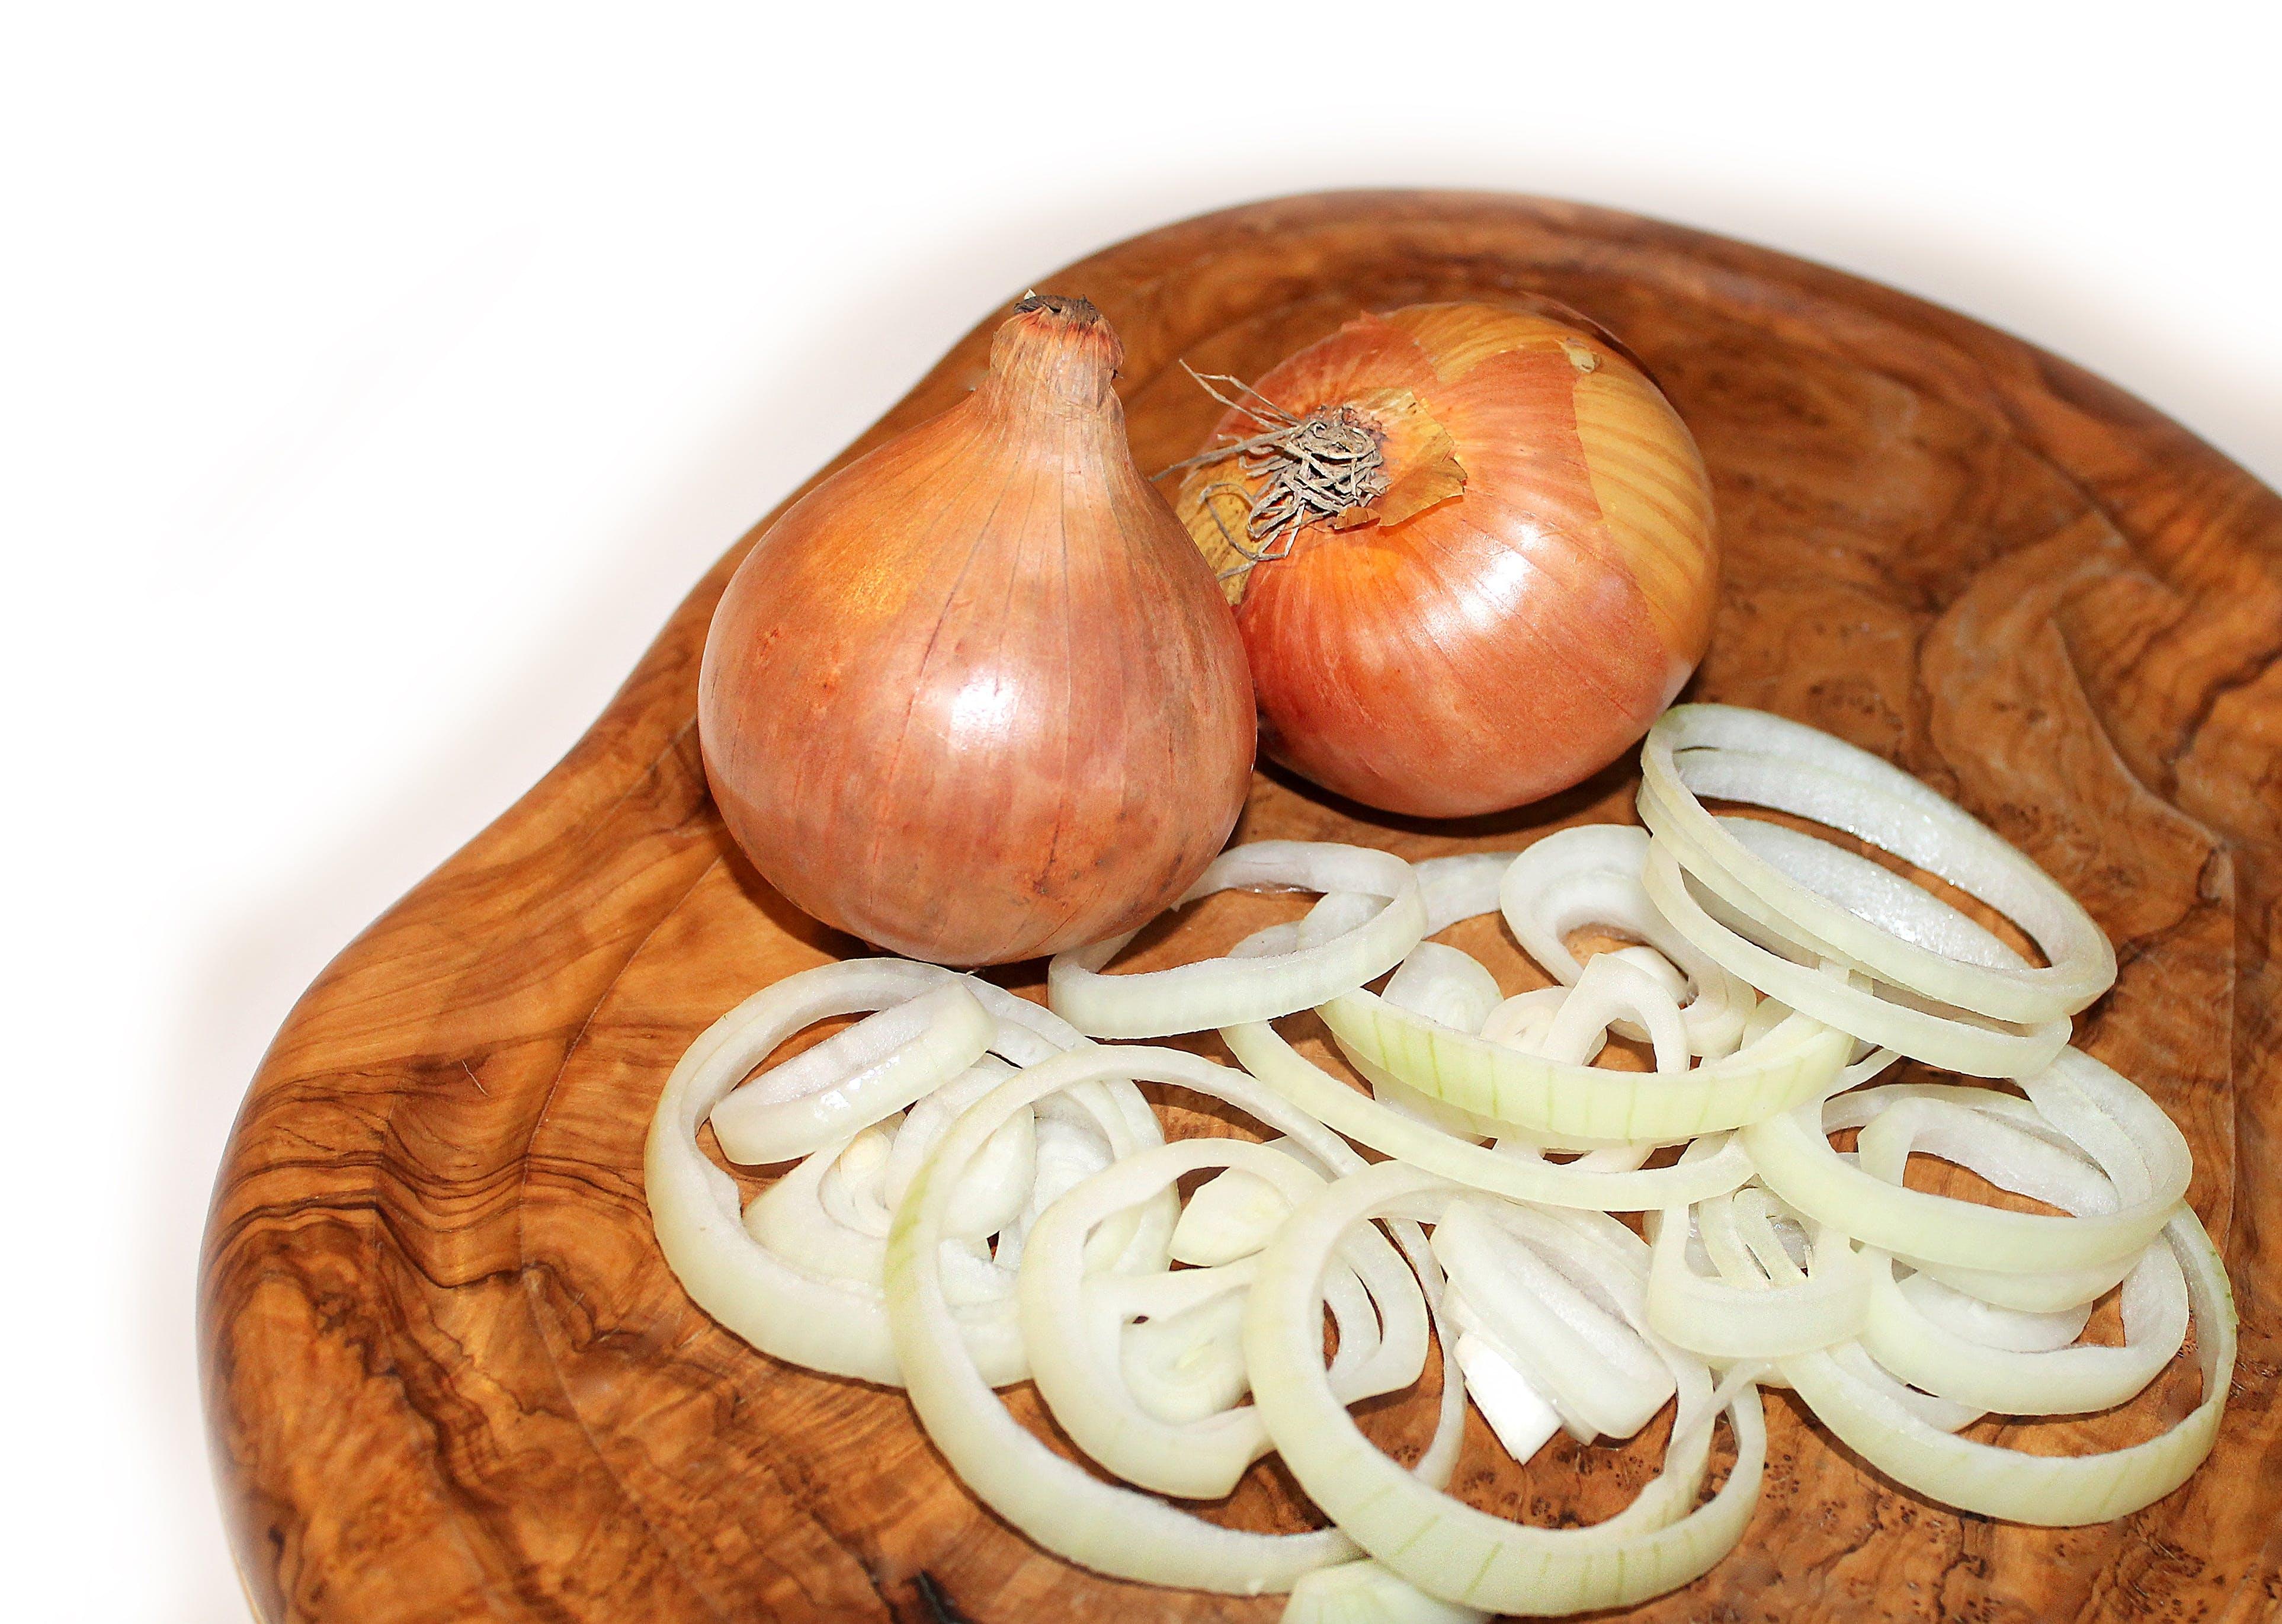 Fotos de stock gratuitas de cebollas, comida, Fresco, ingrediente